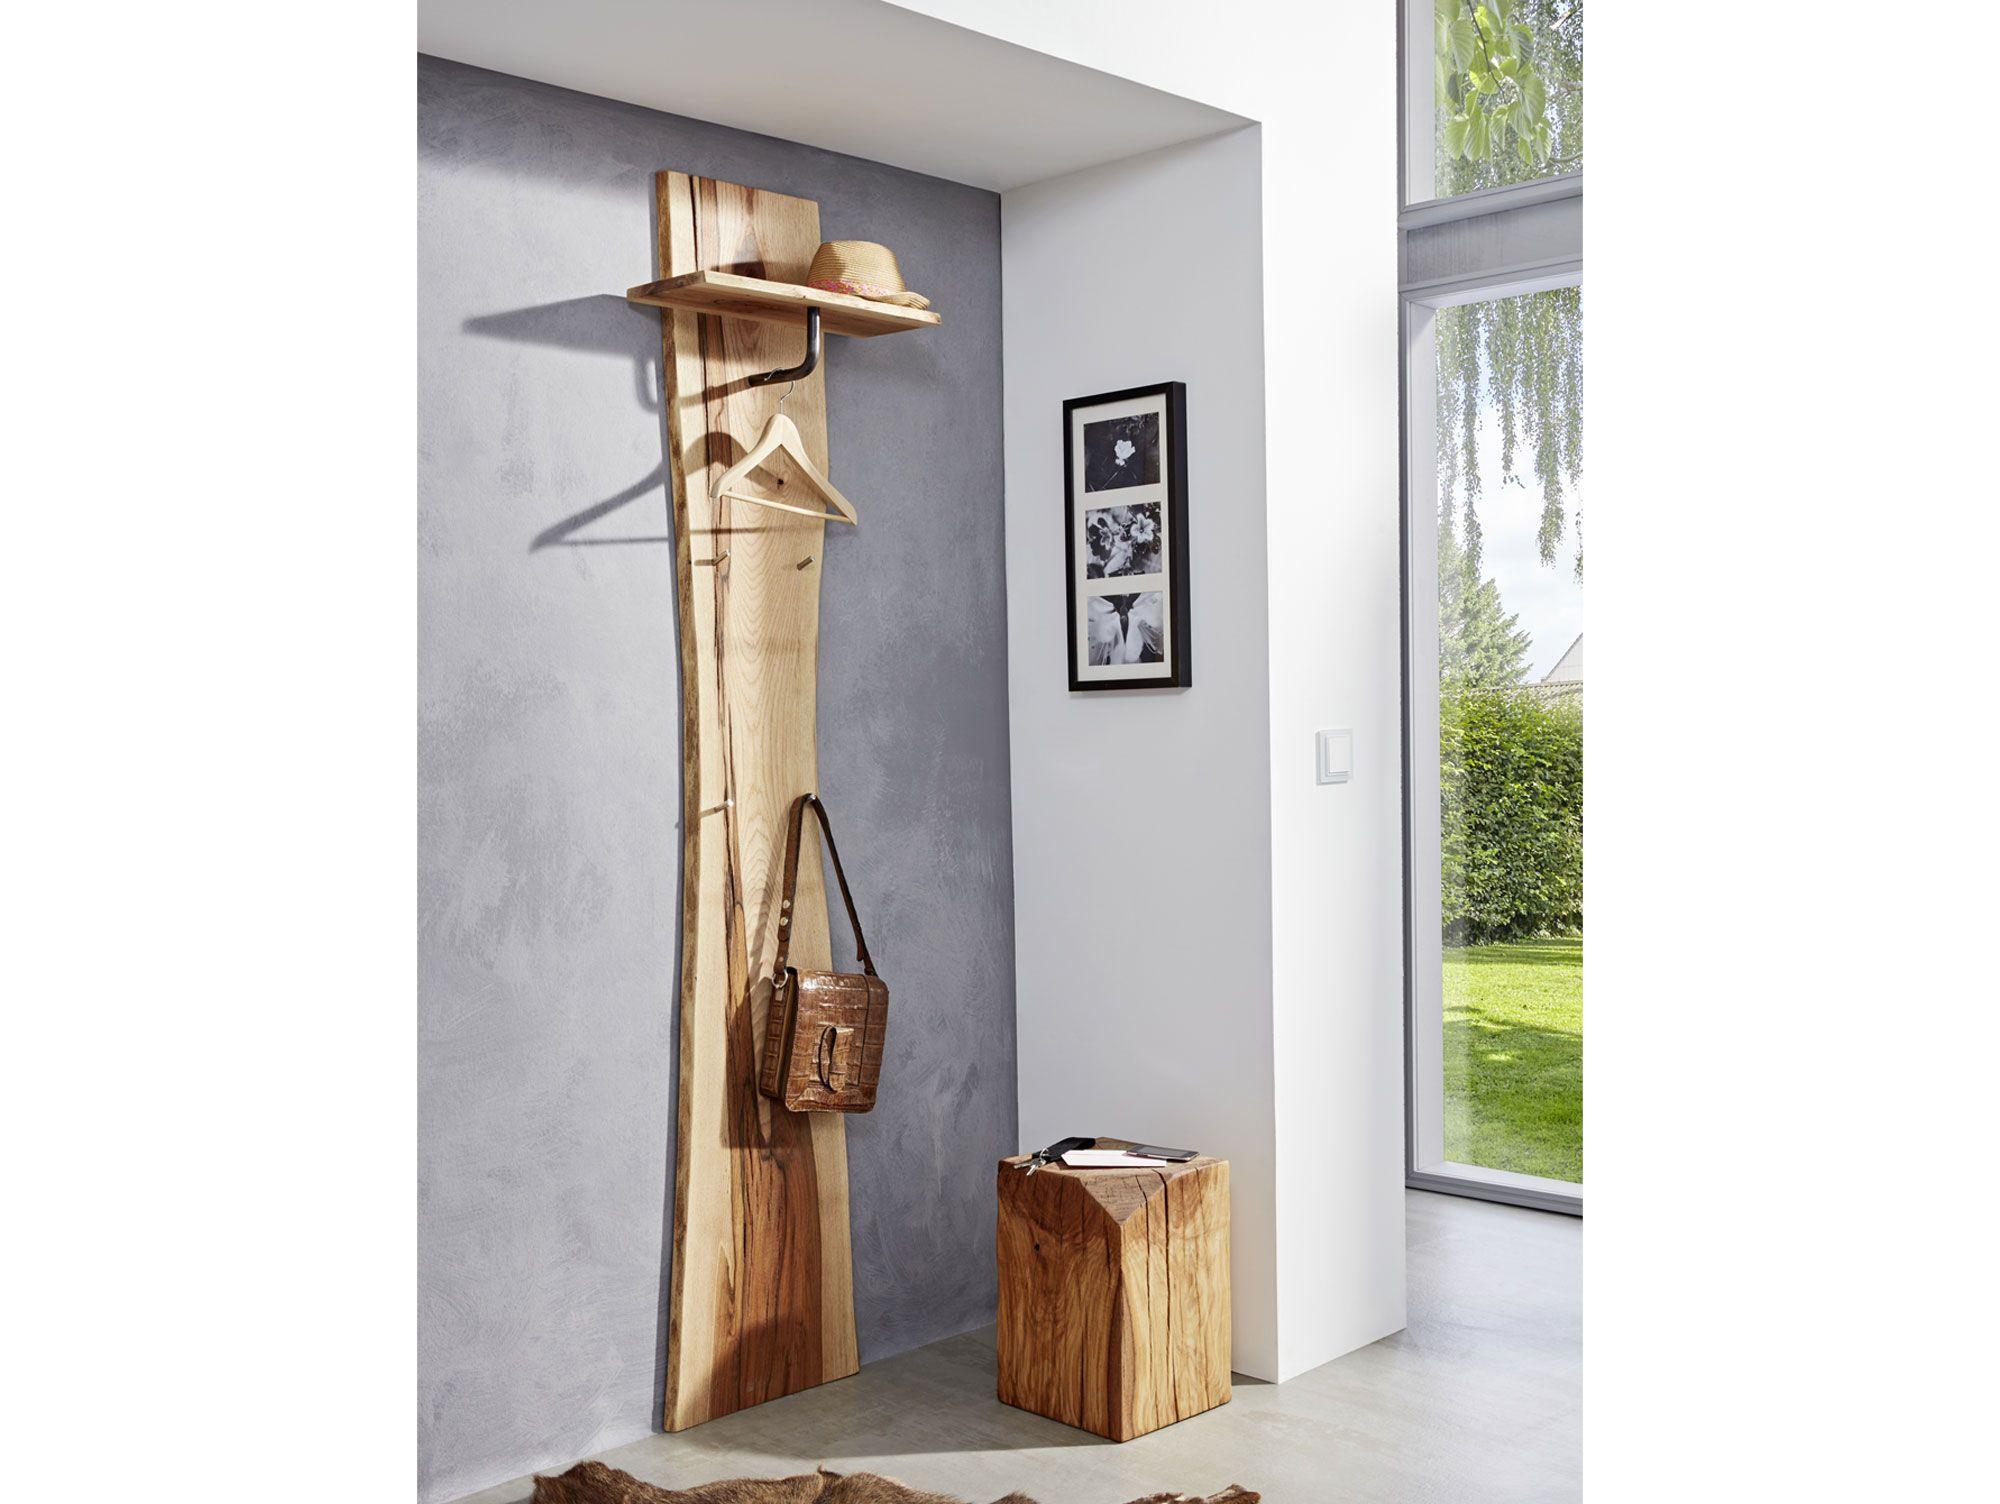 rocky garderobenpaneel zerreiche ge lt diele und flur pinterest selbermachen diy diele. Black Bedroom Furniture Sets. Home Design Ideas